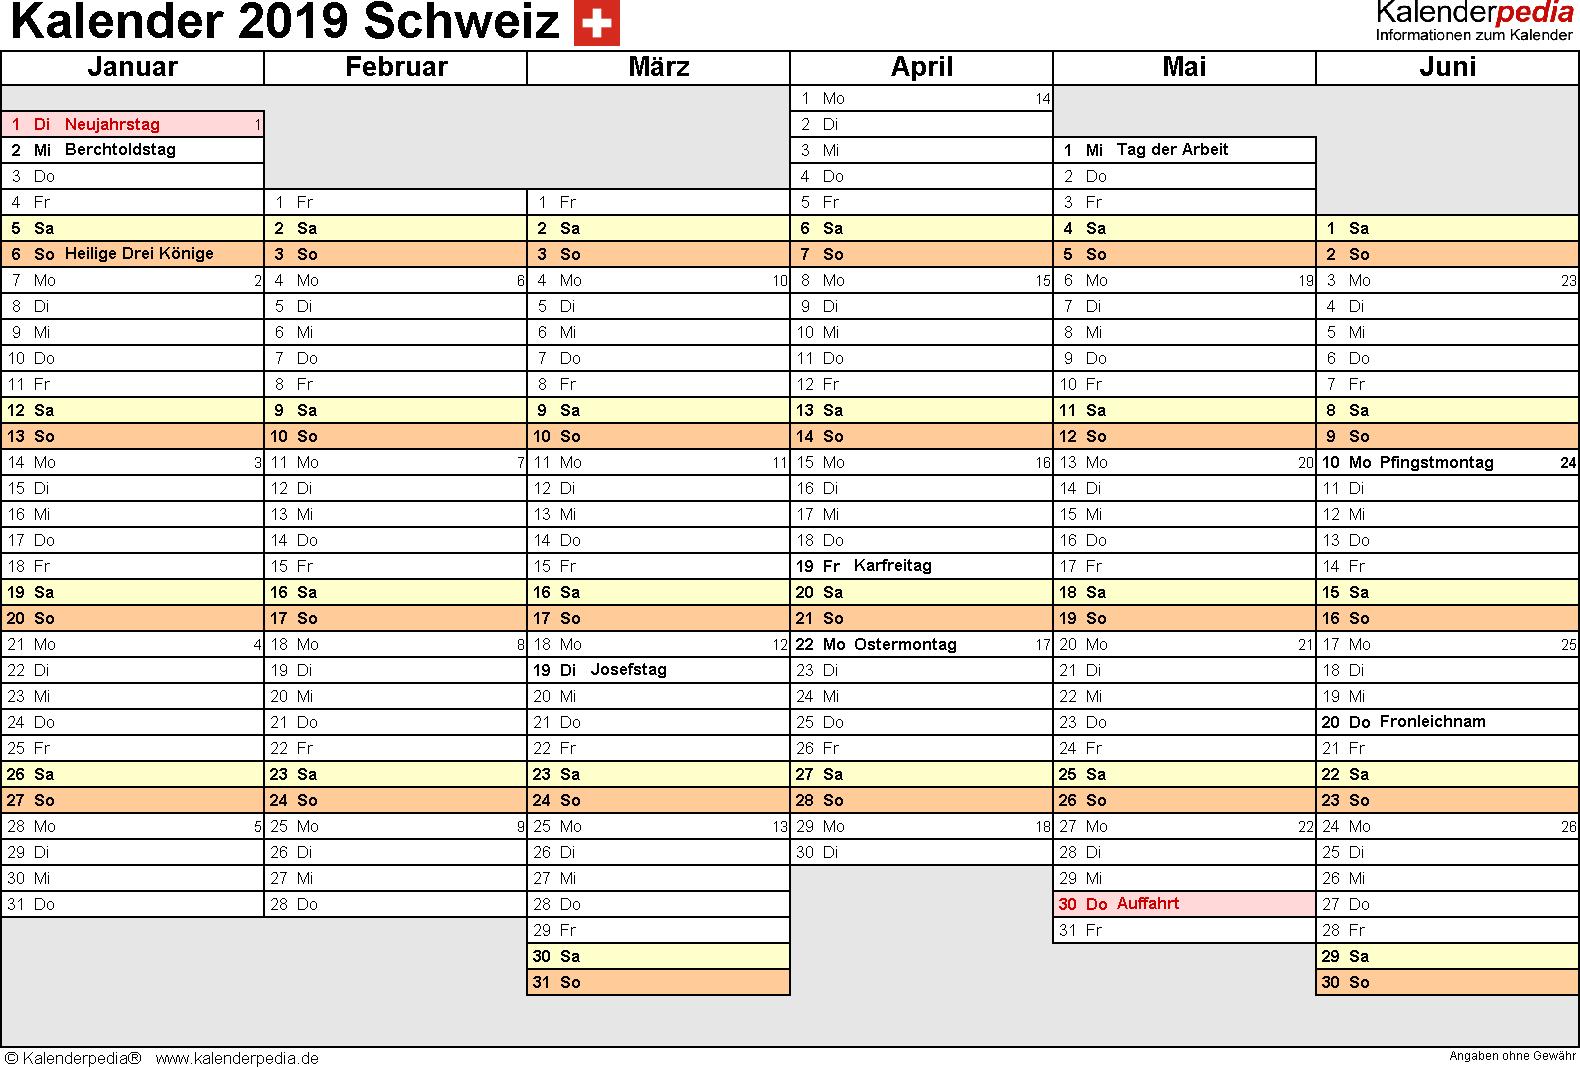 Vorlage 4: Kalender 2019 für die <span style=white-space:nowrap;>Schweiz als Microsoft Excel-Datei (.xlsx), Querformat, 2 Seiten, Wochentage linear/nebeneinander, 1. und 2. Jahreshälfte auf jeweils eigener Seite